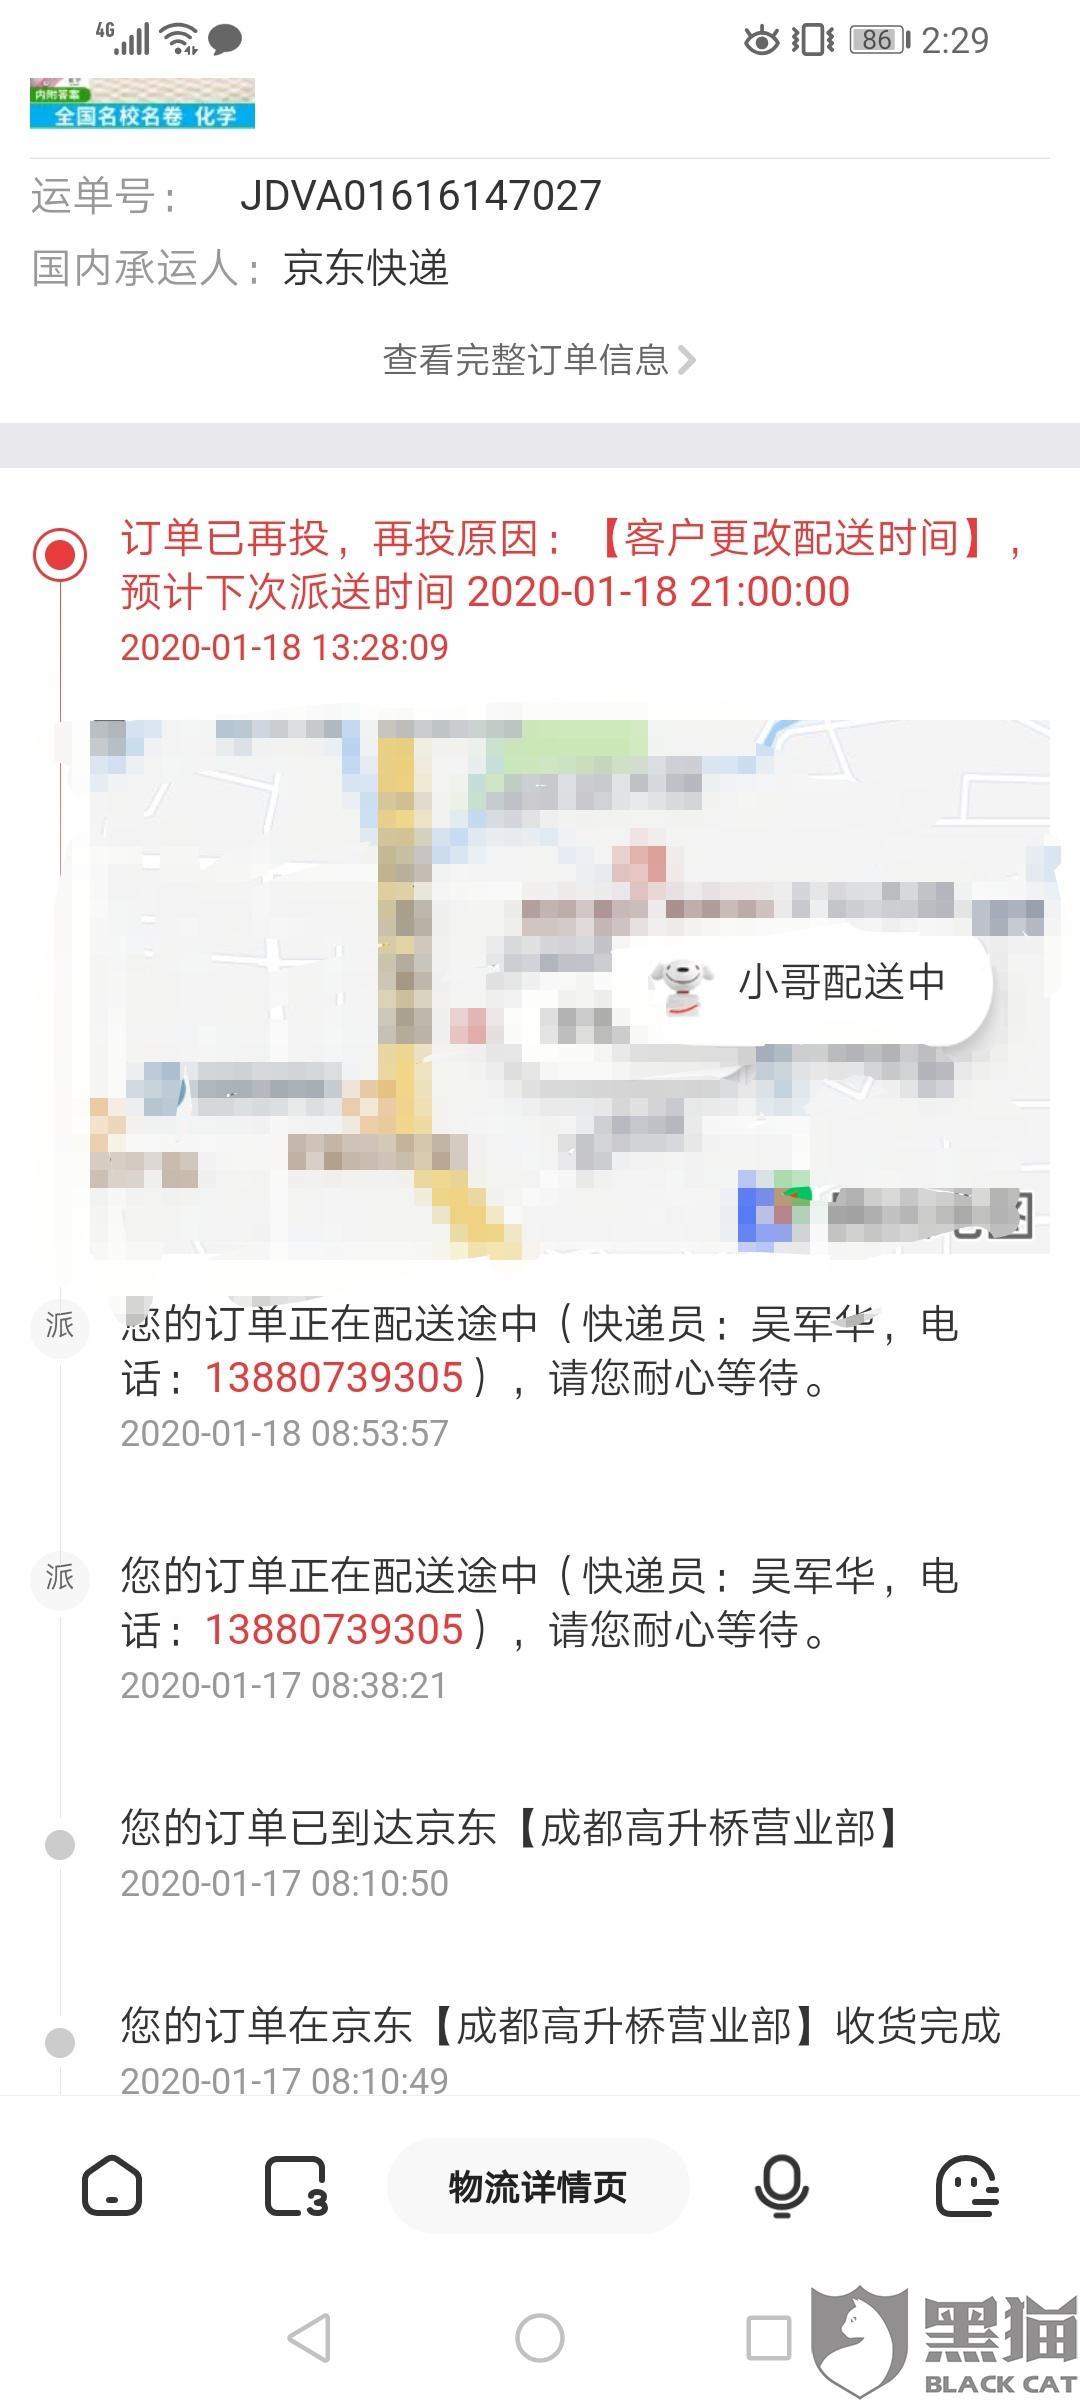 黑猫投诉:京东物流客服用时18小时解决了消费者投诉